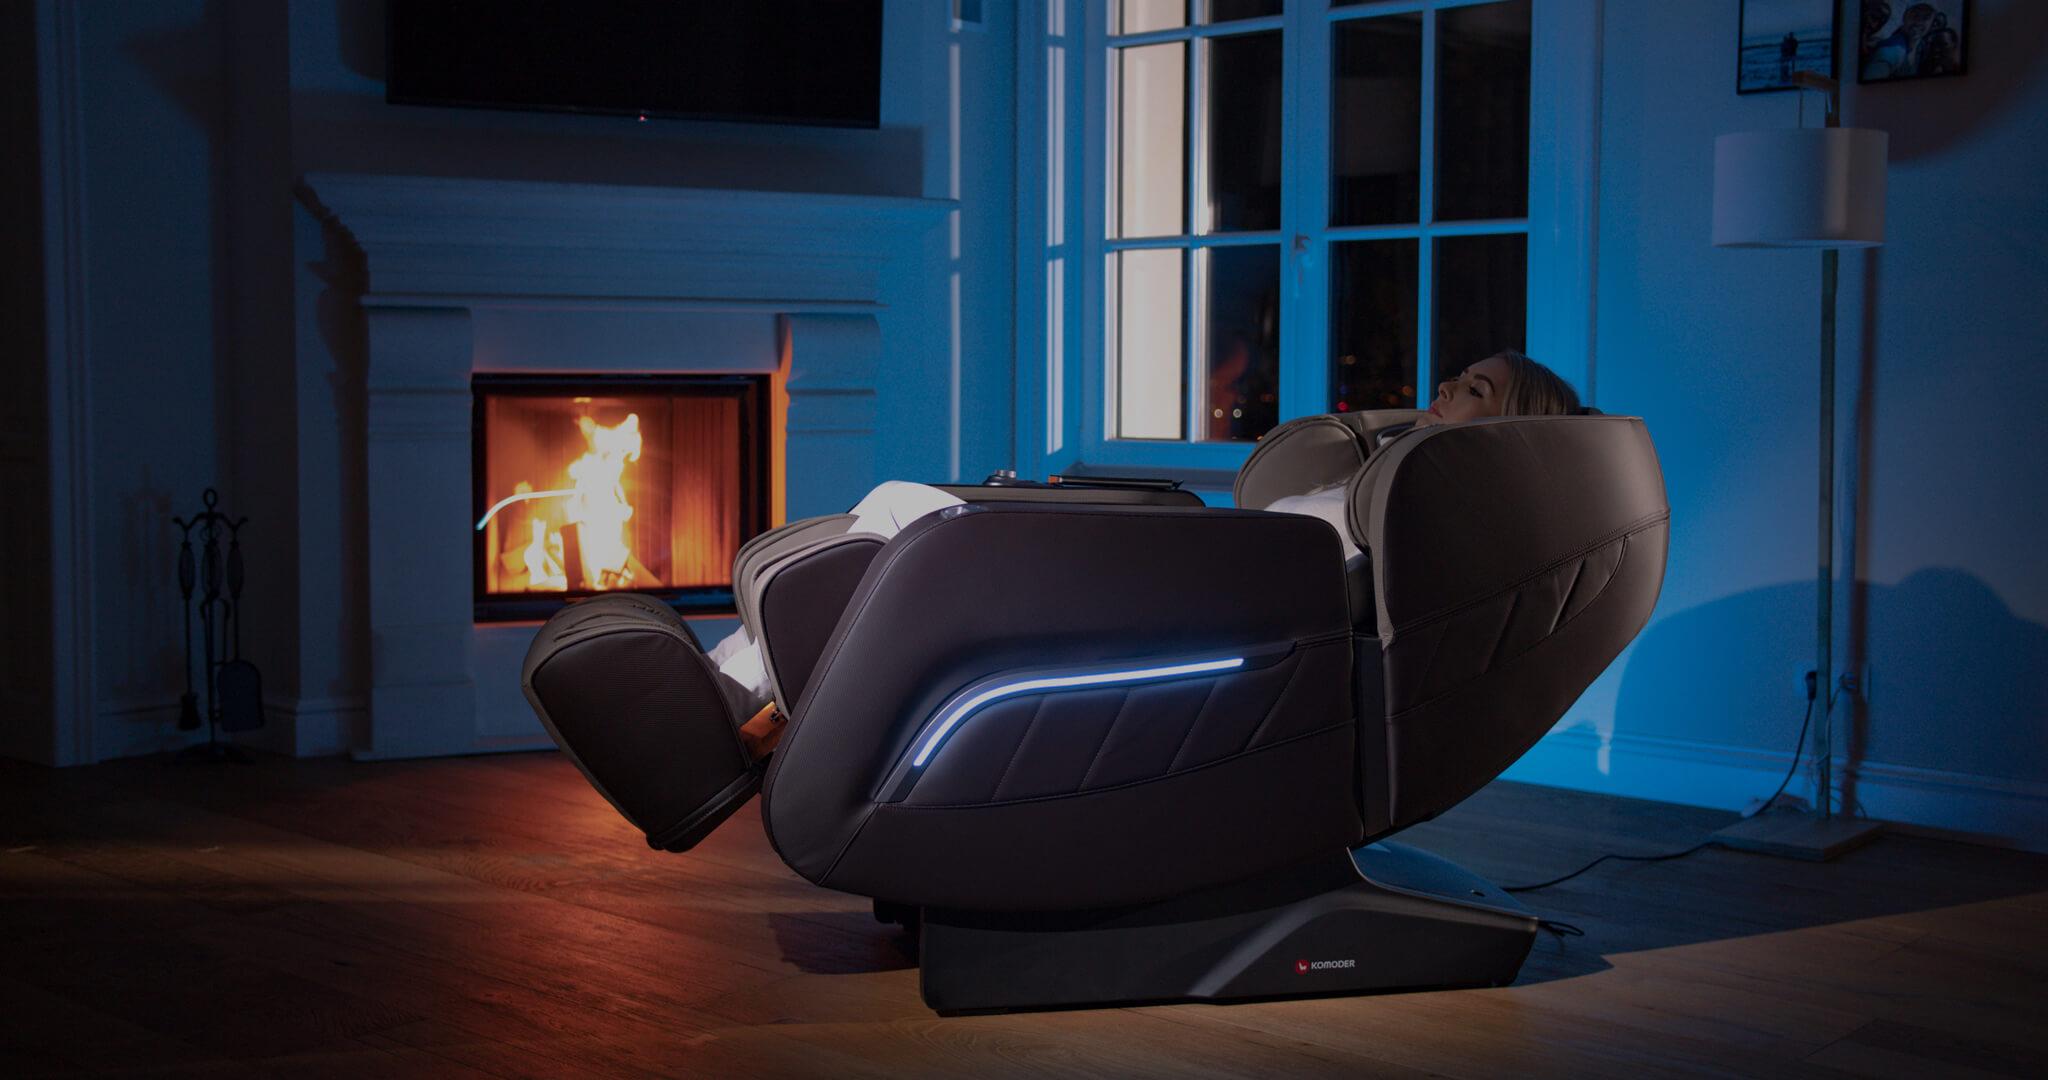 Видео - жена използва масажен стол Focus 2, в уюта на собственият си дом